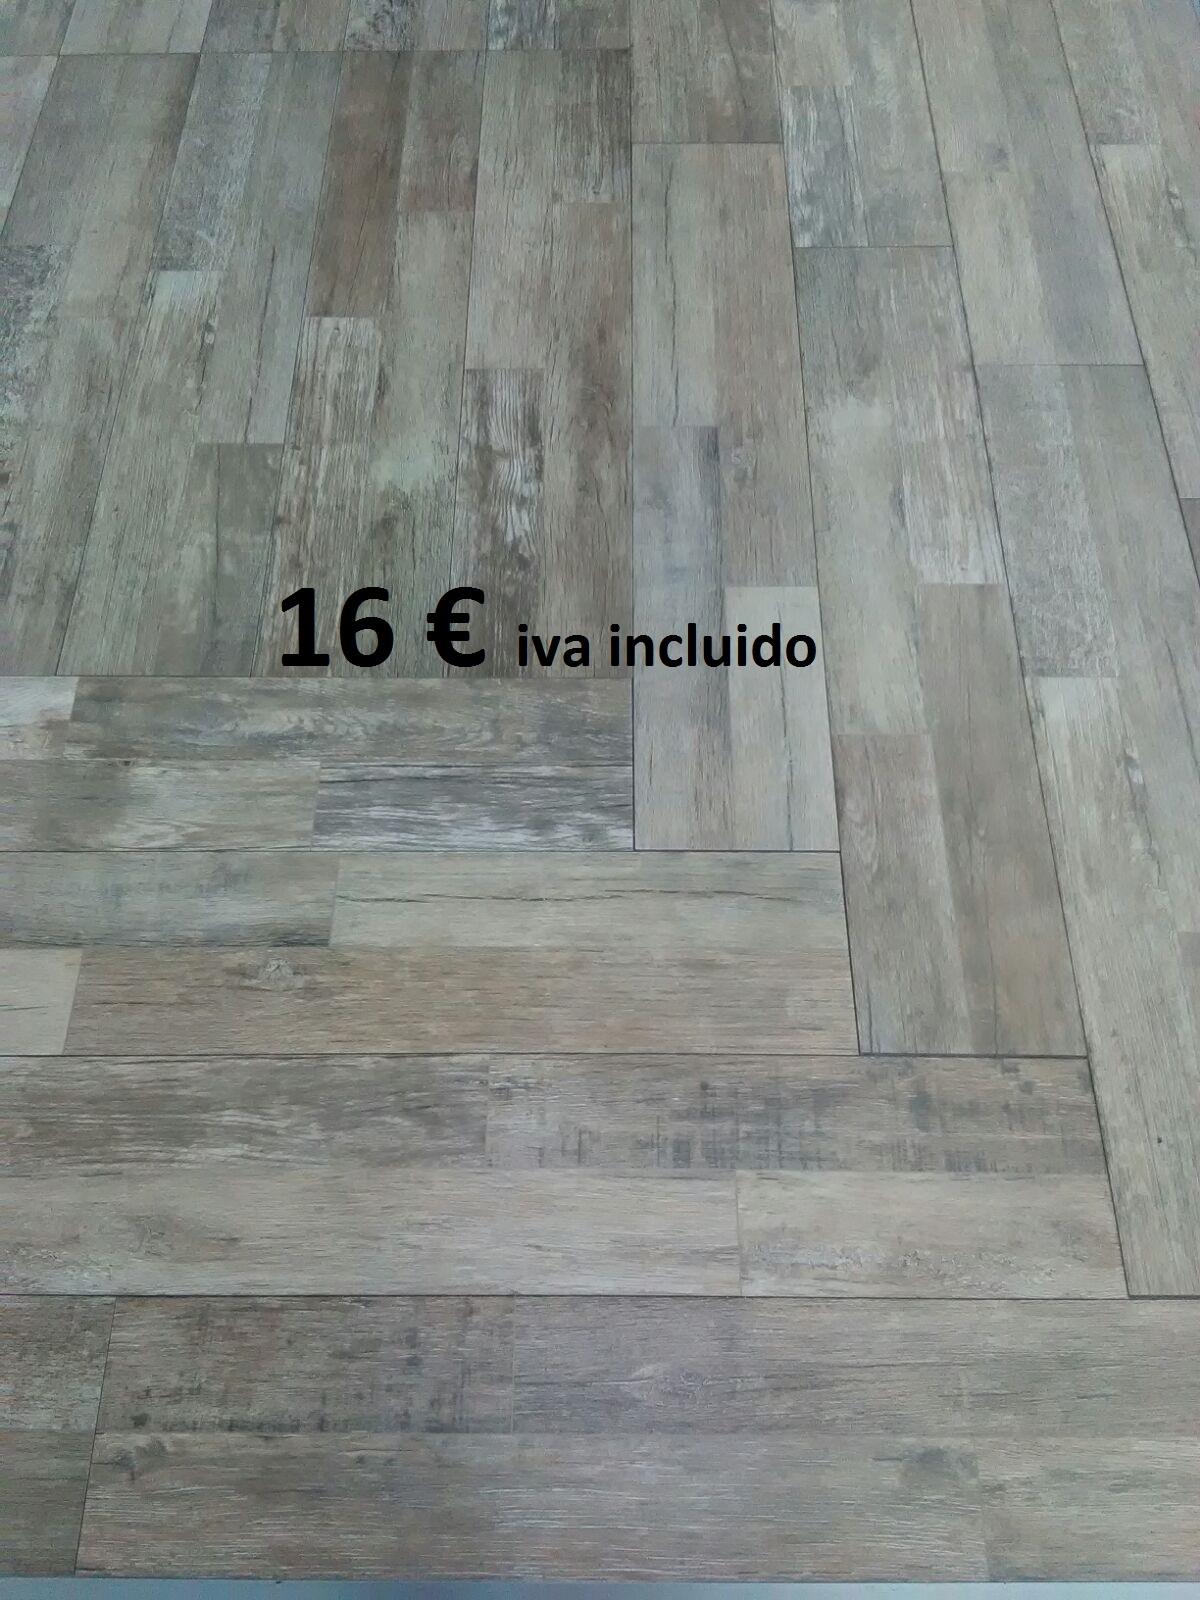 Promo keratile 16€ iva incluido